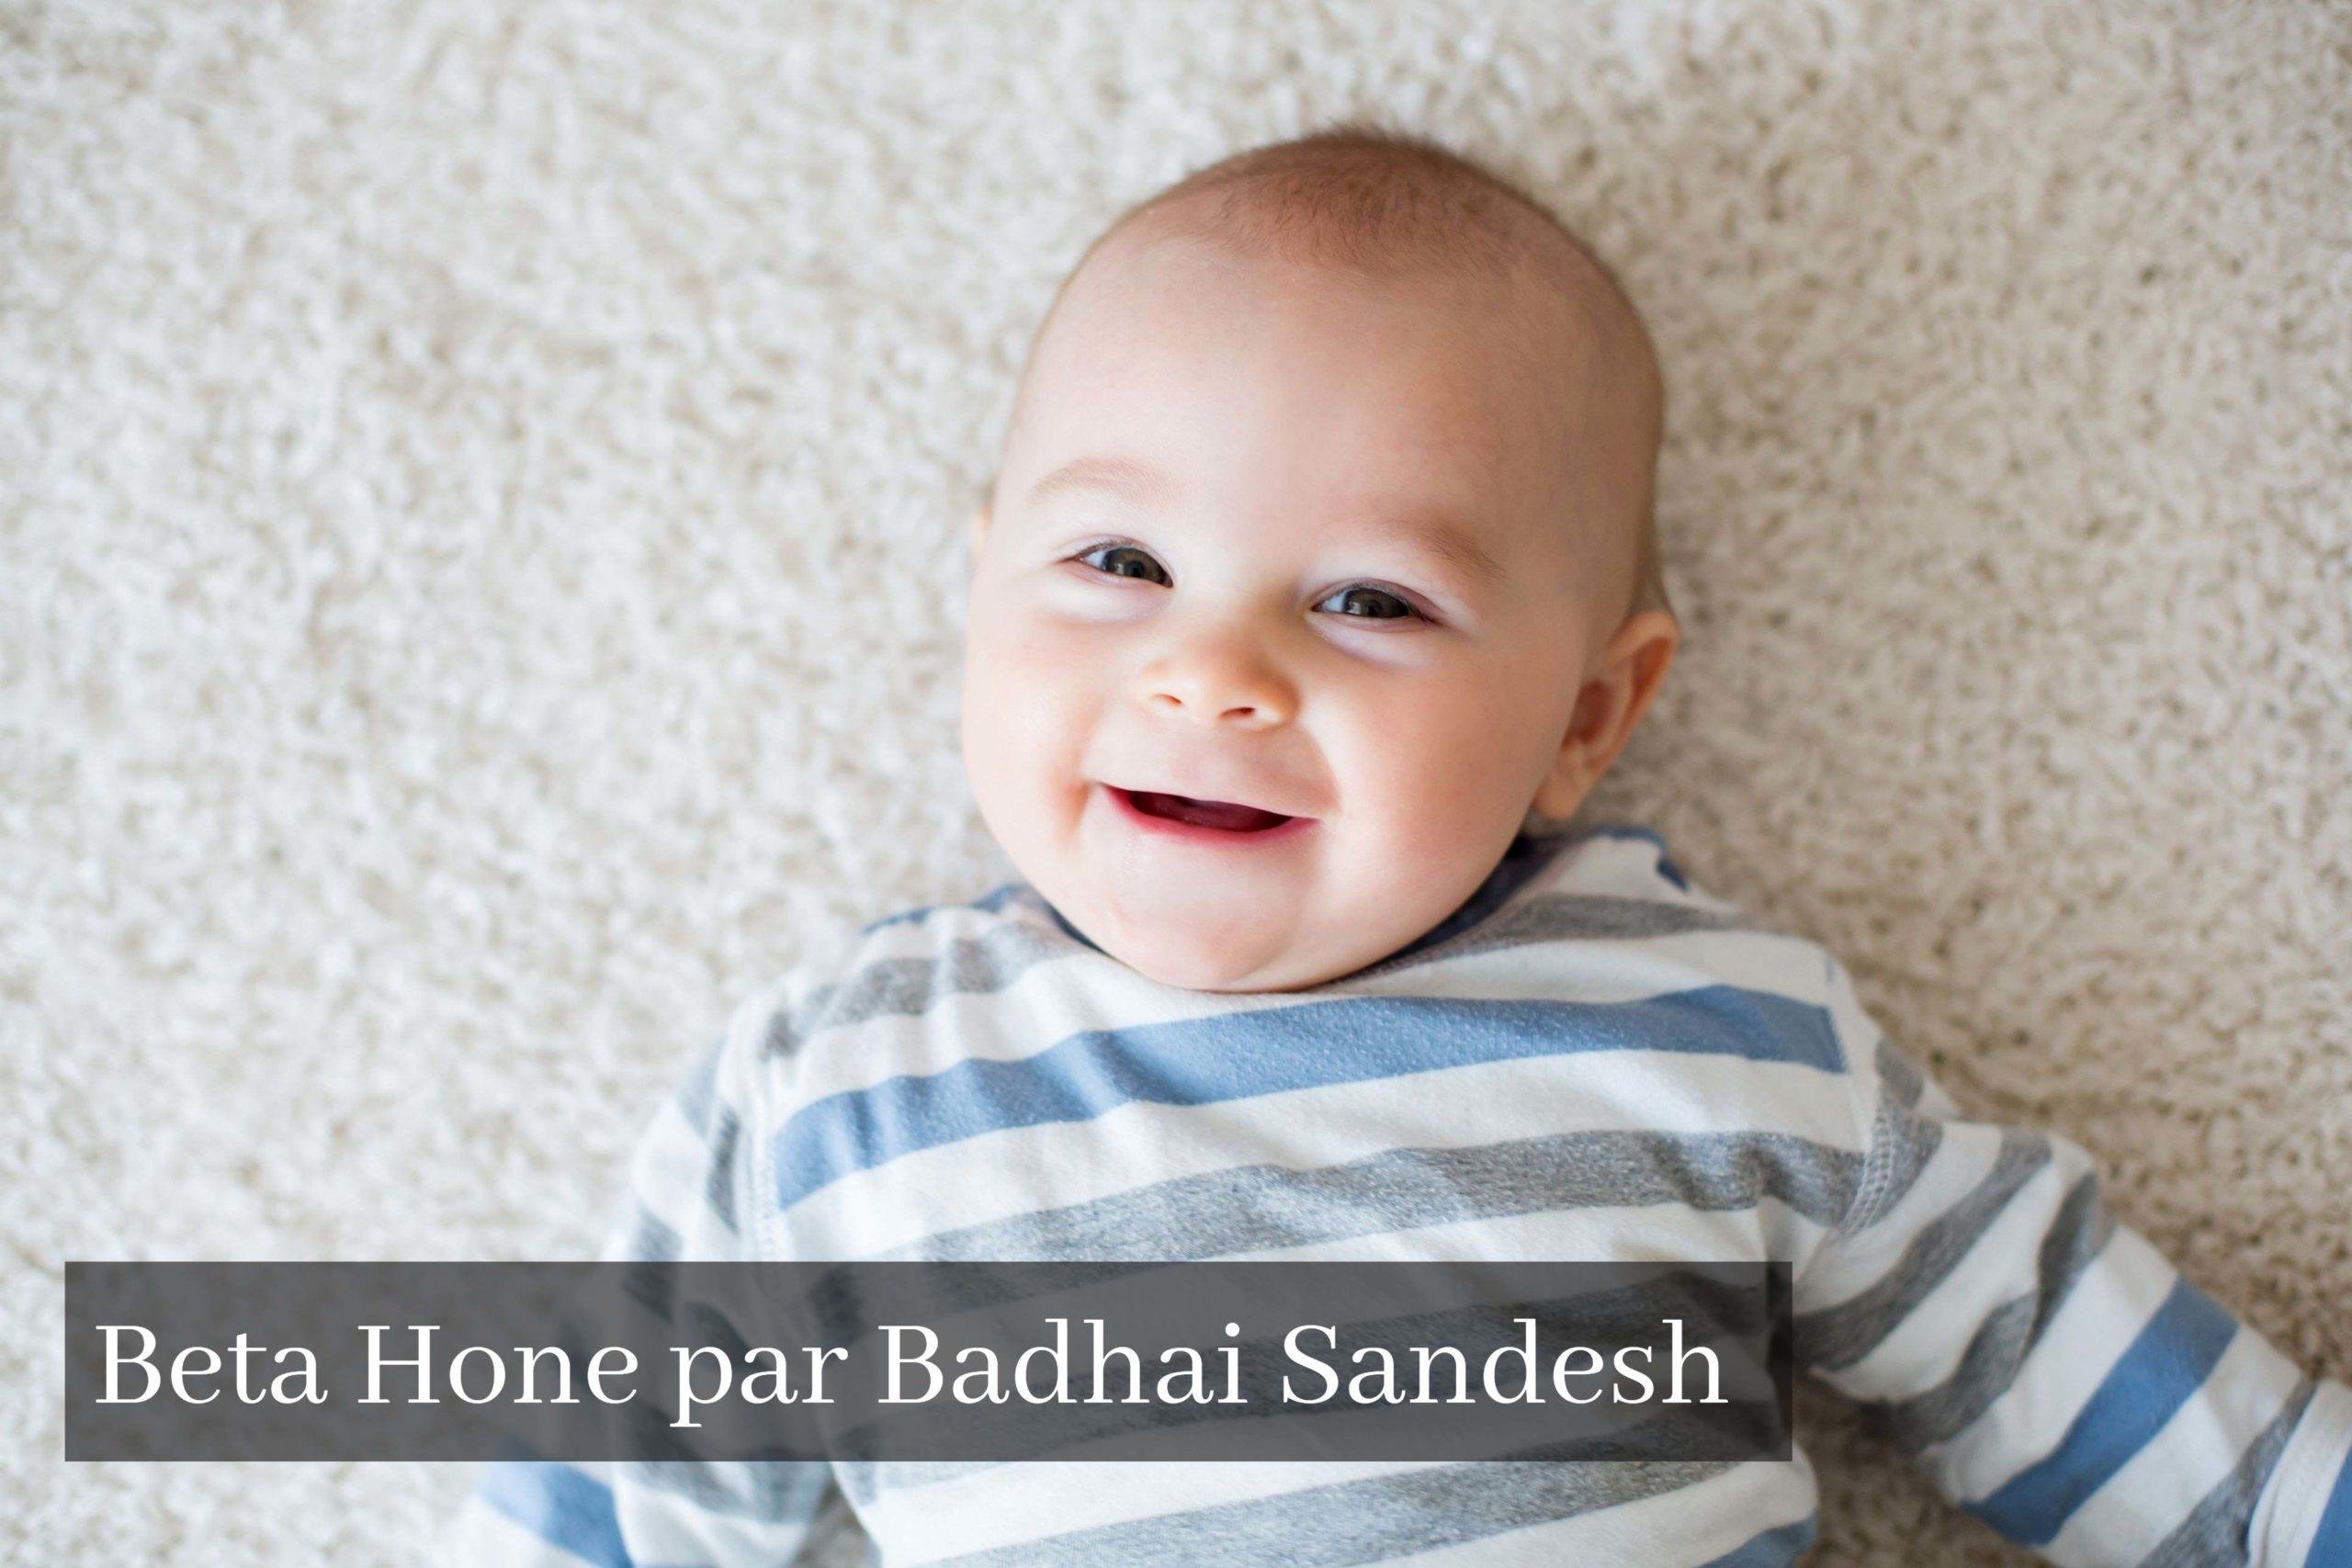 beta-hone-par-badahai